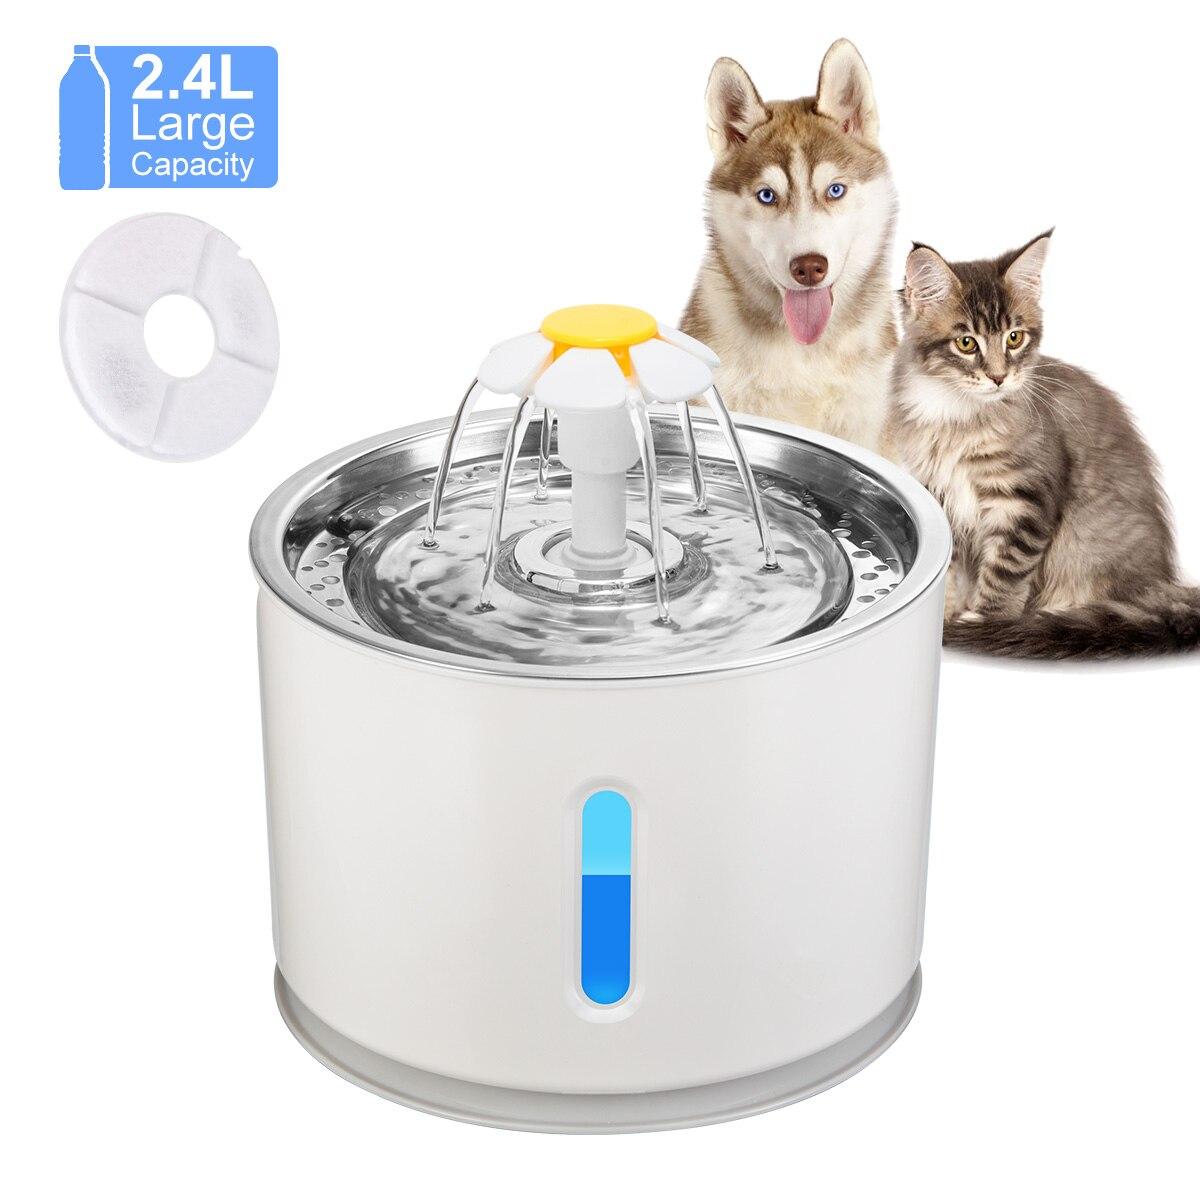 2.4L автоматический фонтан воды кота светодиодный Электрический немой подачи воды USB собак любимчик миска для домашних животных питьевой дис...